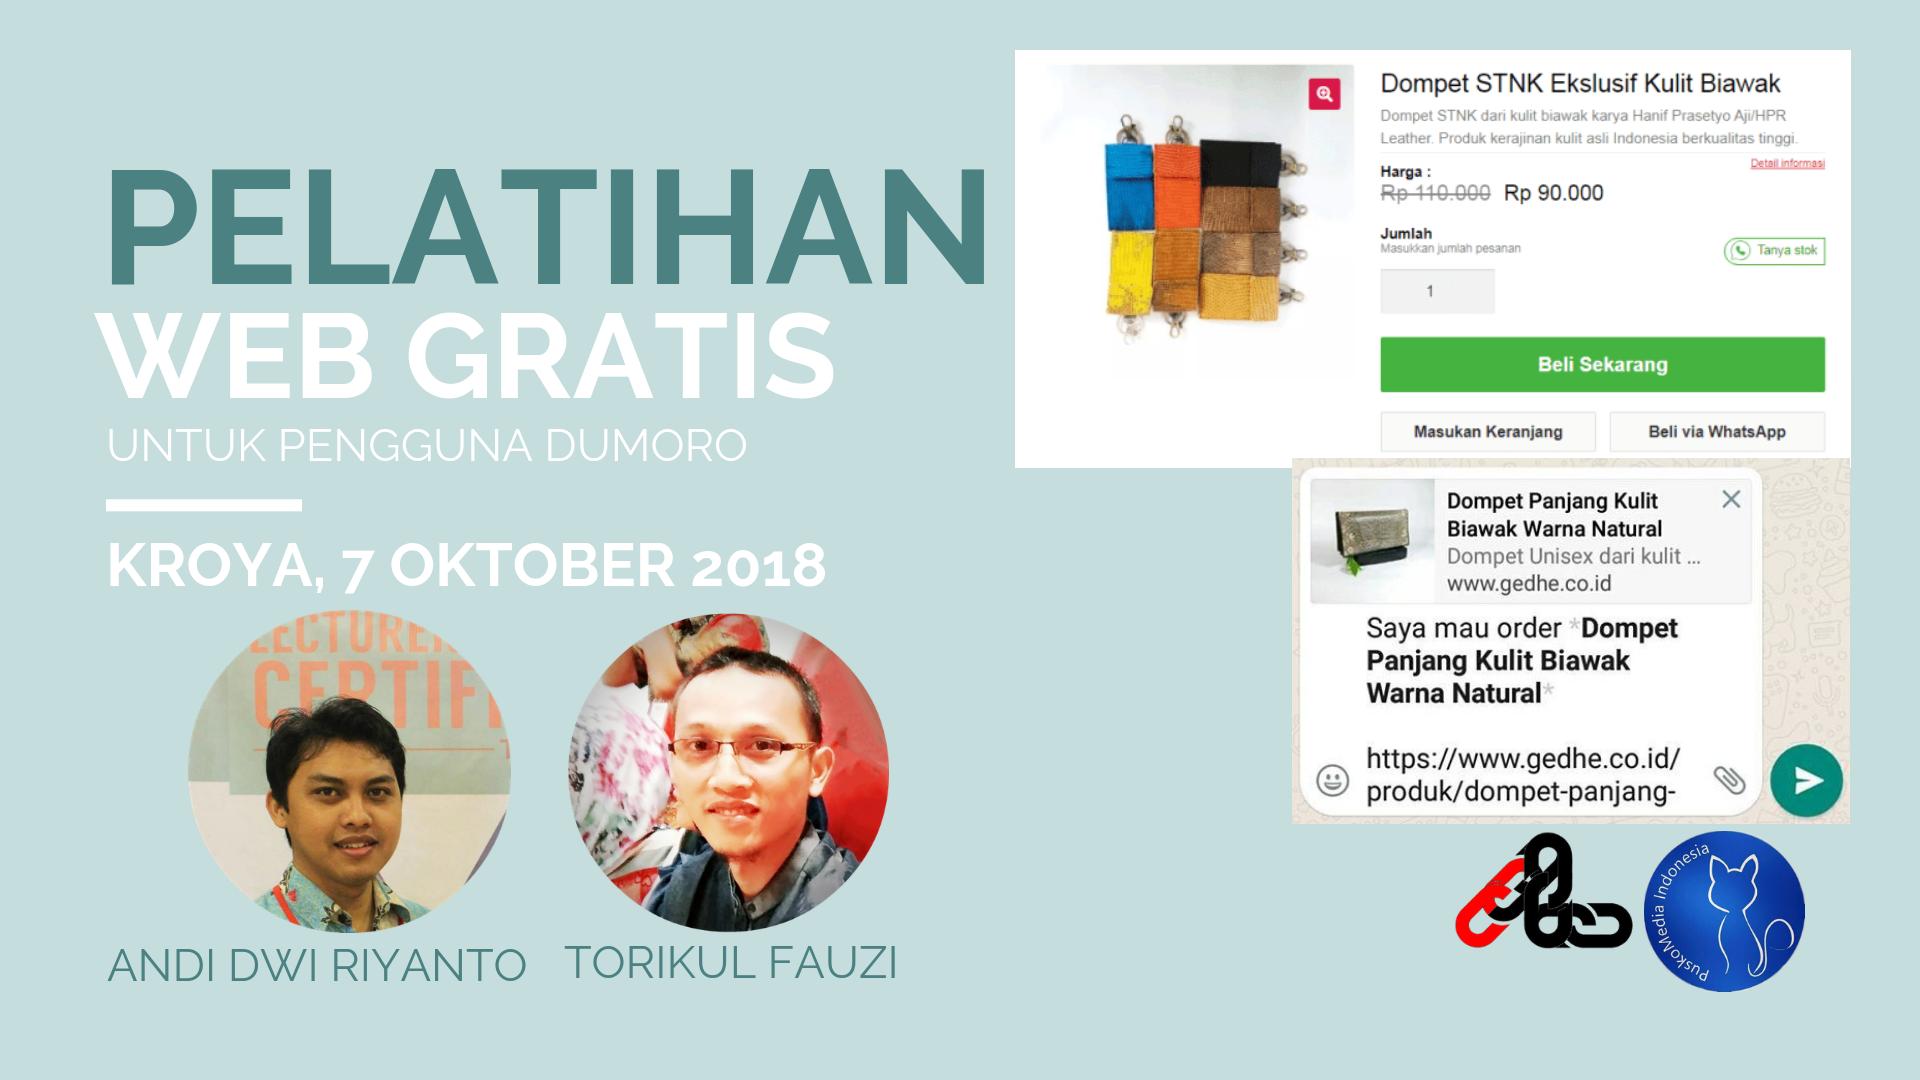 Poster Pelatihan web gratis dumoro kroya 7 oktober 2018 fix